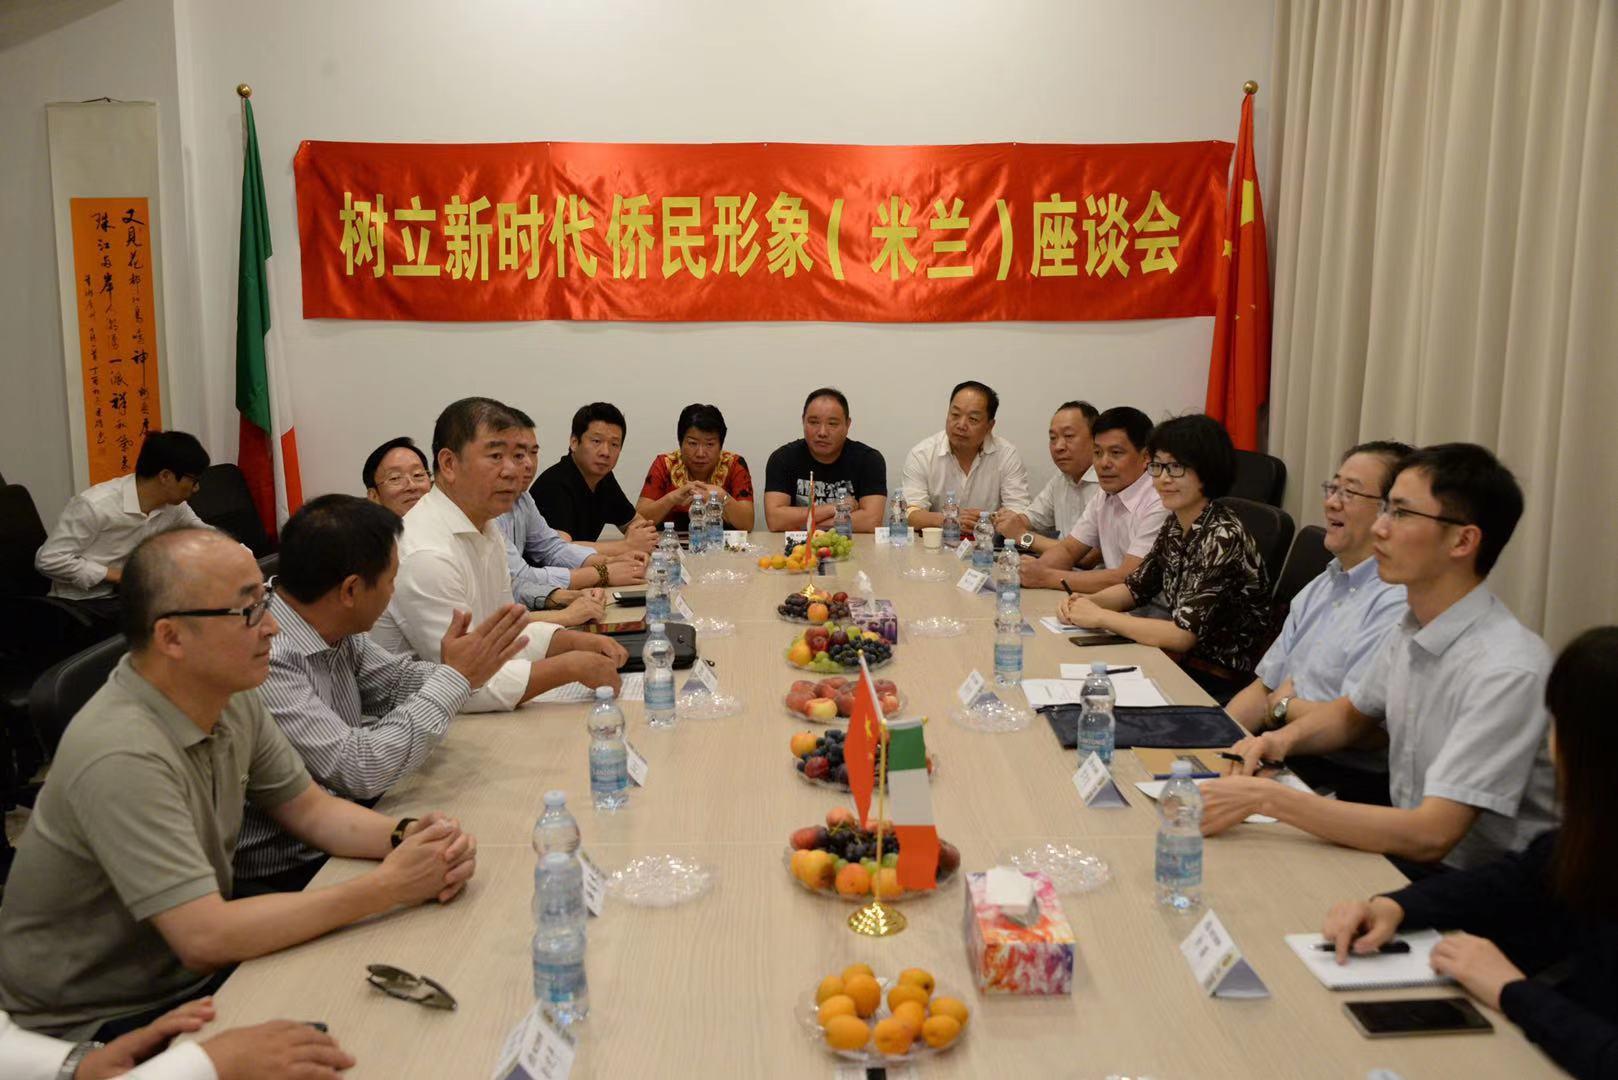 中华海外联谊会代表团到访米兰 董传杰团长提六点希望